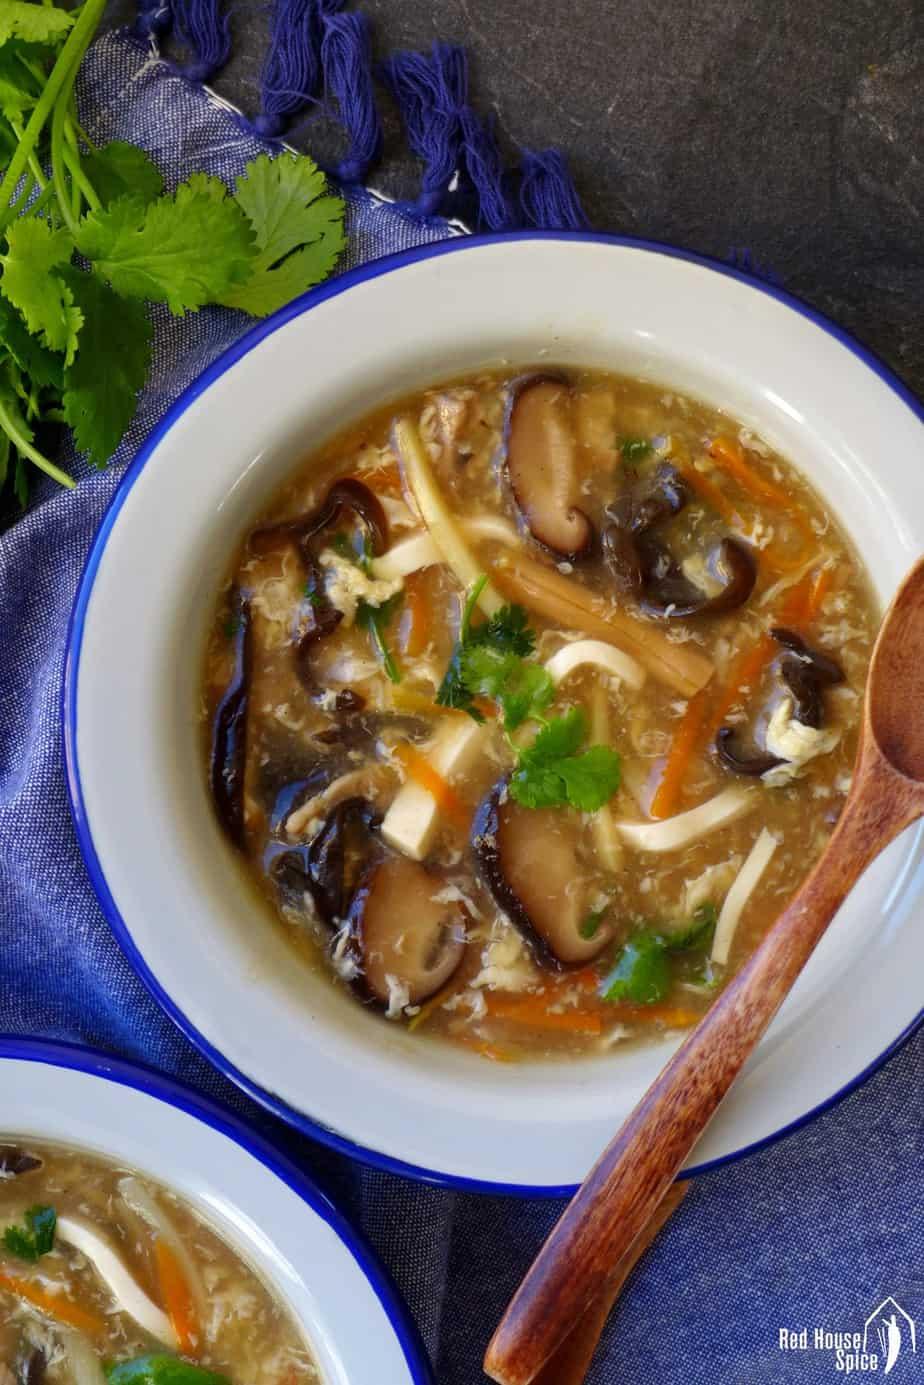 A bowl of hot & sour soup